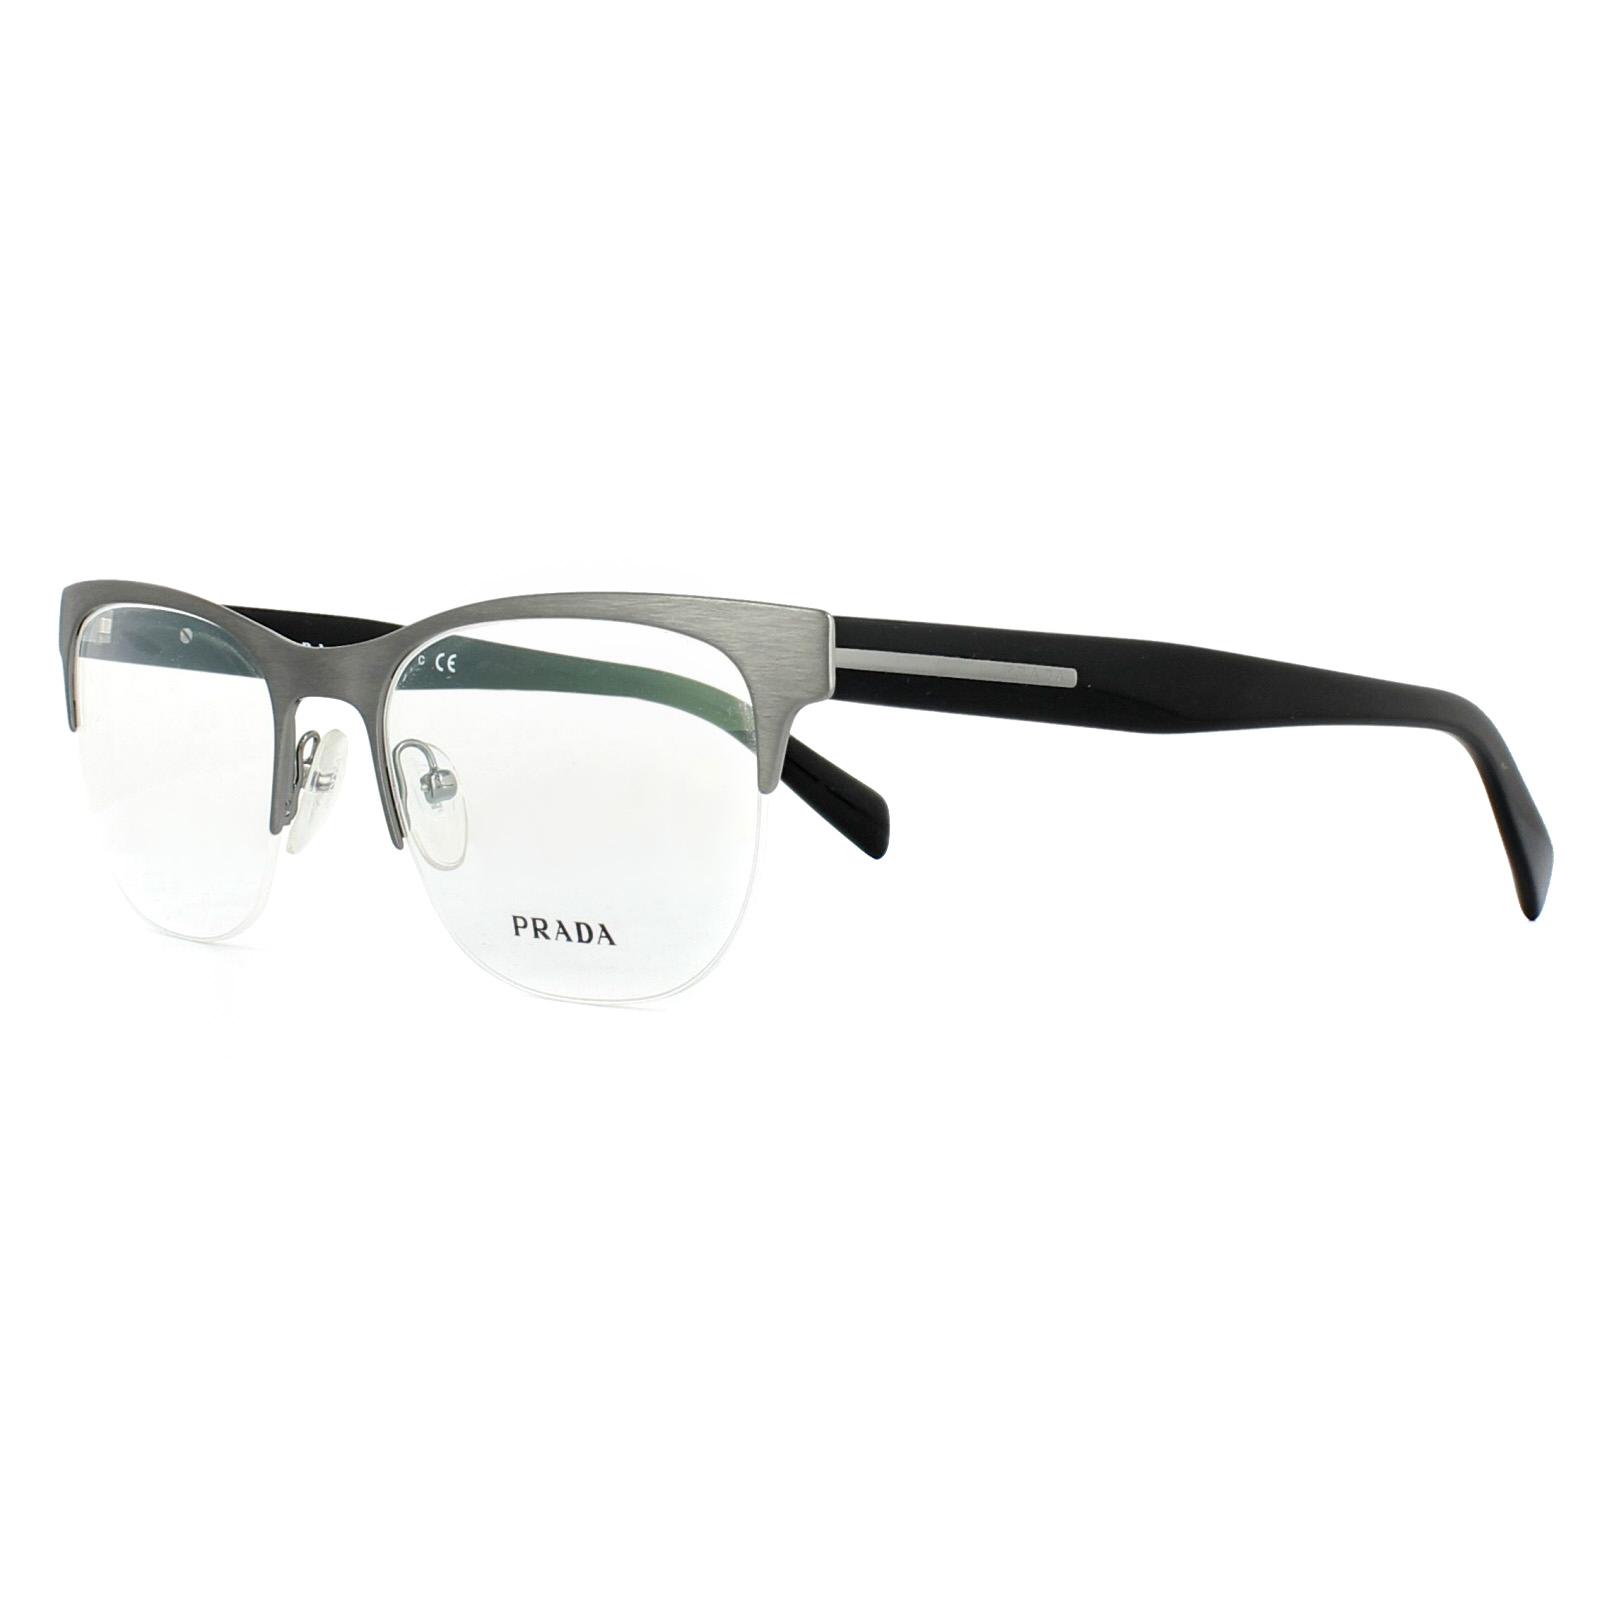 ca3620c1d24e Cheap Prada PR54RV Glasses Frames - Discounted Sunglasses